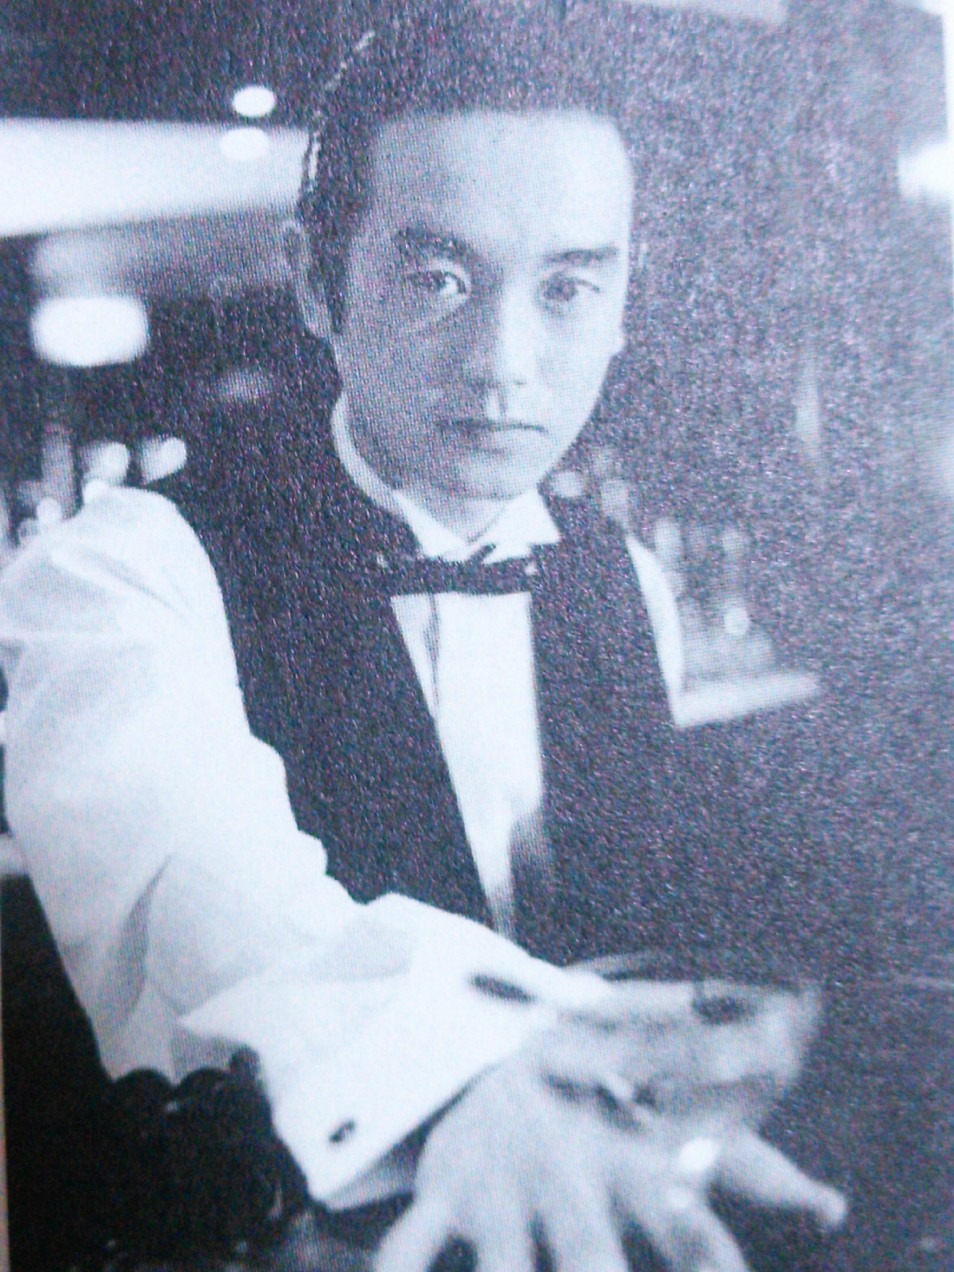 岩沢厚治の画像 p1_40